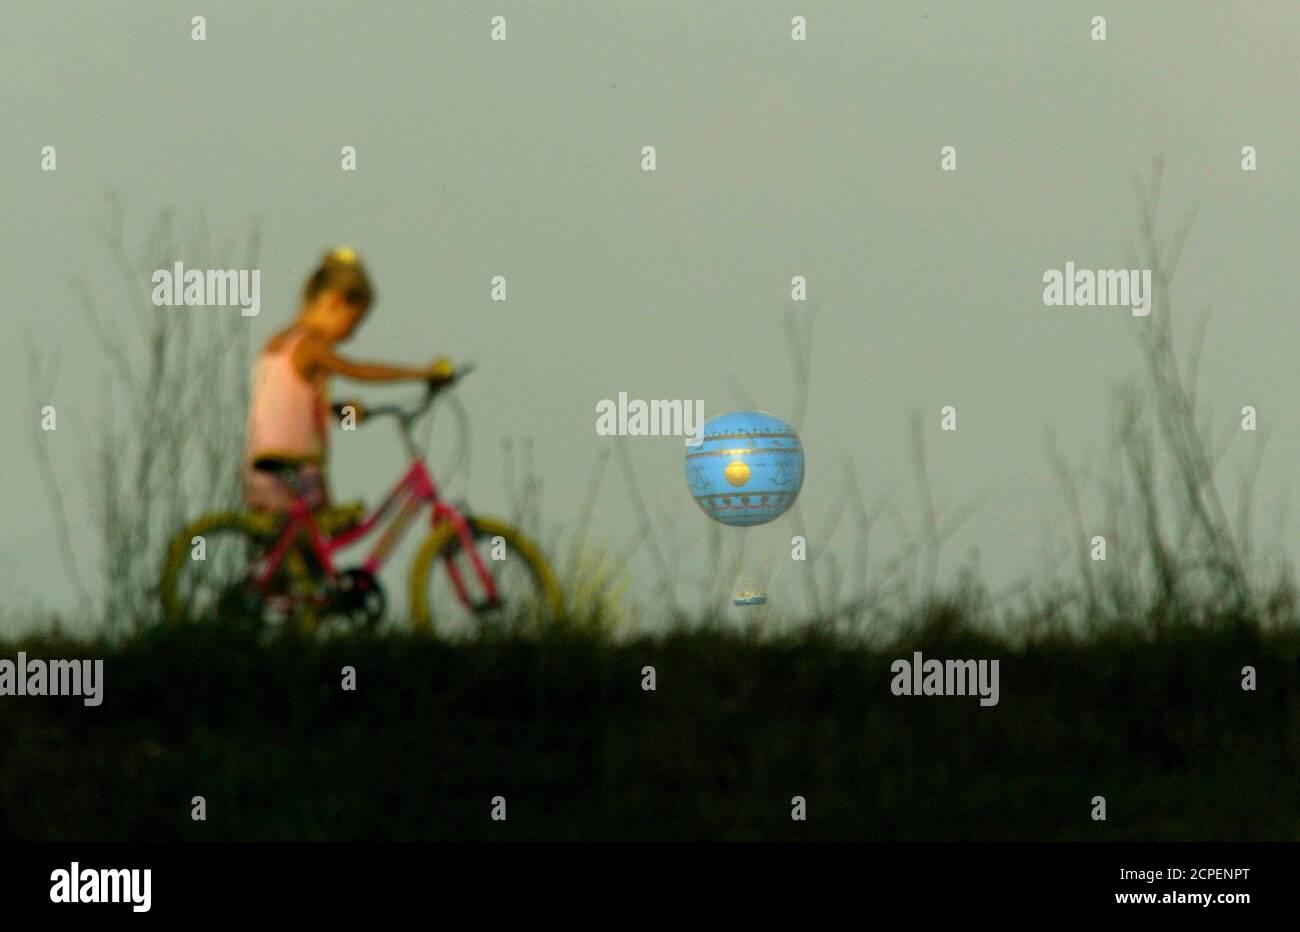 Una joven camina su bicicleta por una colina mientras un globo de helio vuela sobre el horizonte de Roma en el descanso del día 28 de julio de 2003. El globo, que se convirtió en la última atracción turística de la ciudad, ha tenido un problema bastante inusual - demasiado aire caliente. El globo solo puede volar al amanecer y al atardecer, ya que las corrientes térmicas generadas por las altas temperaturas del mediodía ponen una parada para los turistas que disfrutan de una vista aérea a la hora del almuerzo de la ciudad eterna. REUTERS/Alessandro Bianchi REUTERS DJM/WS Foto de stock